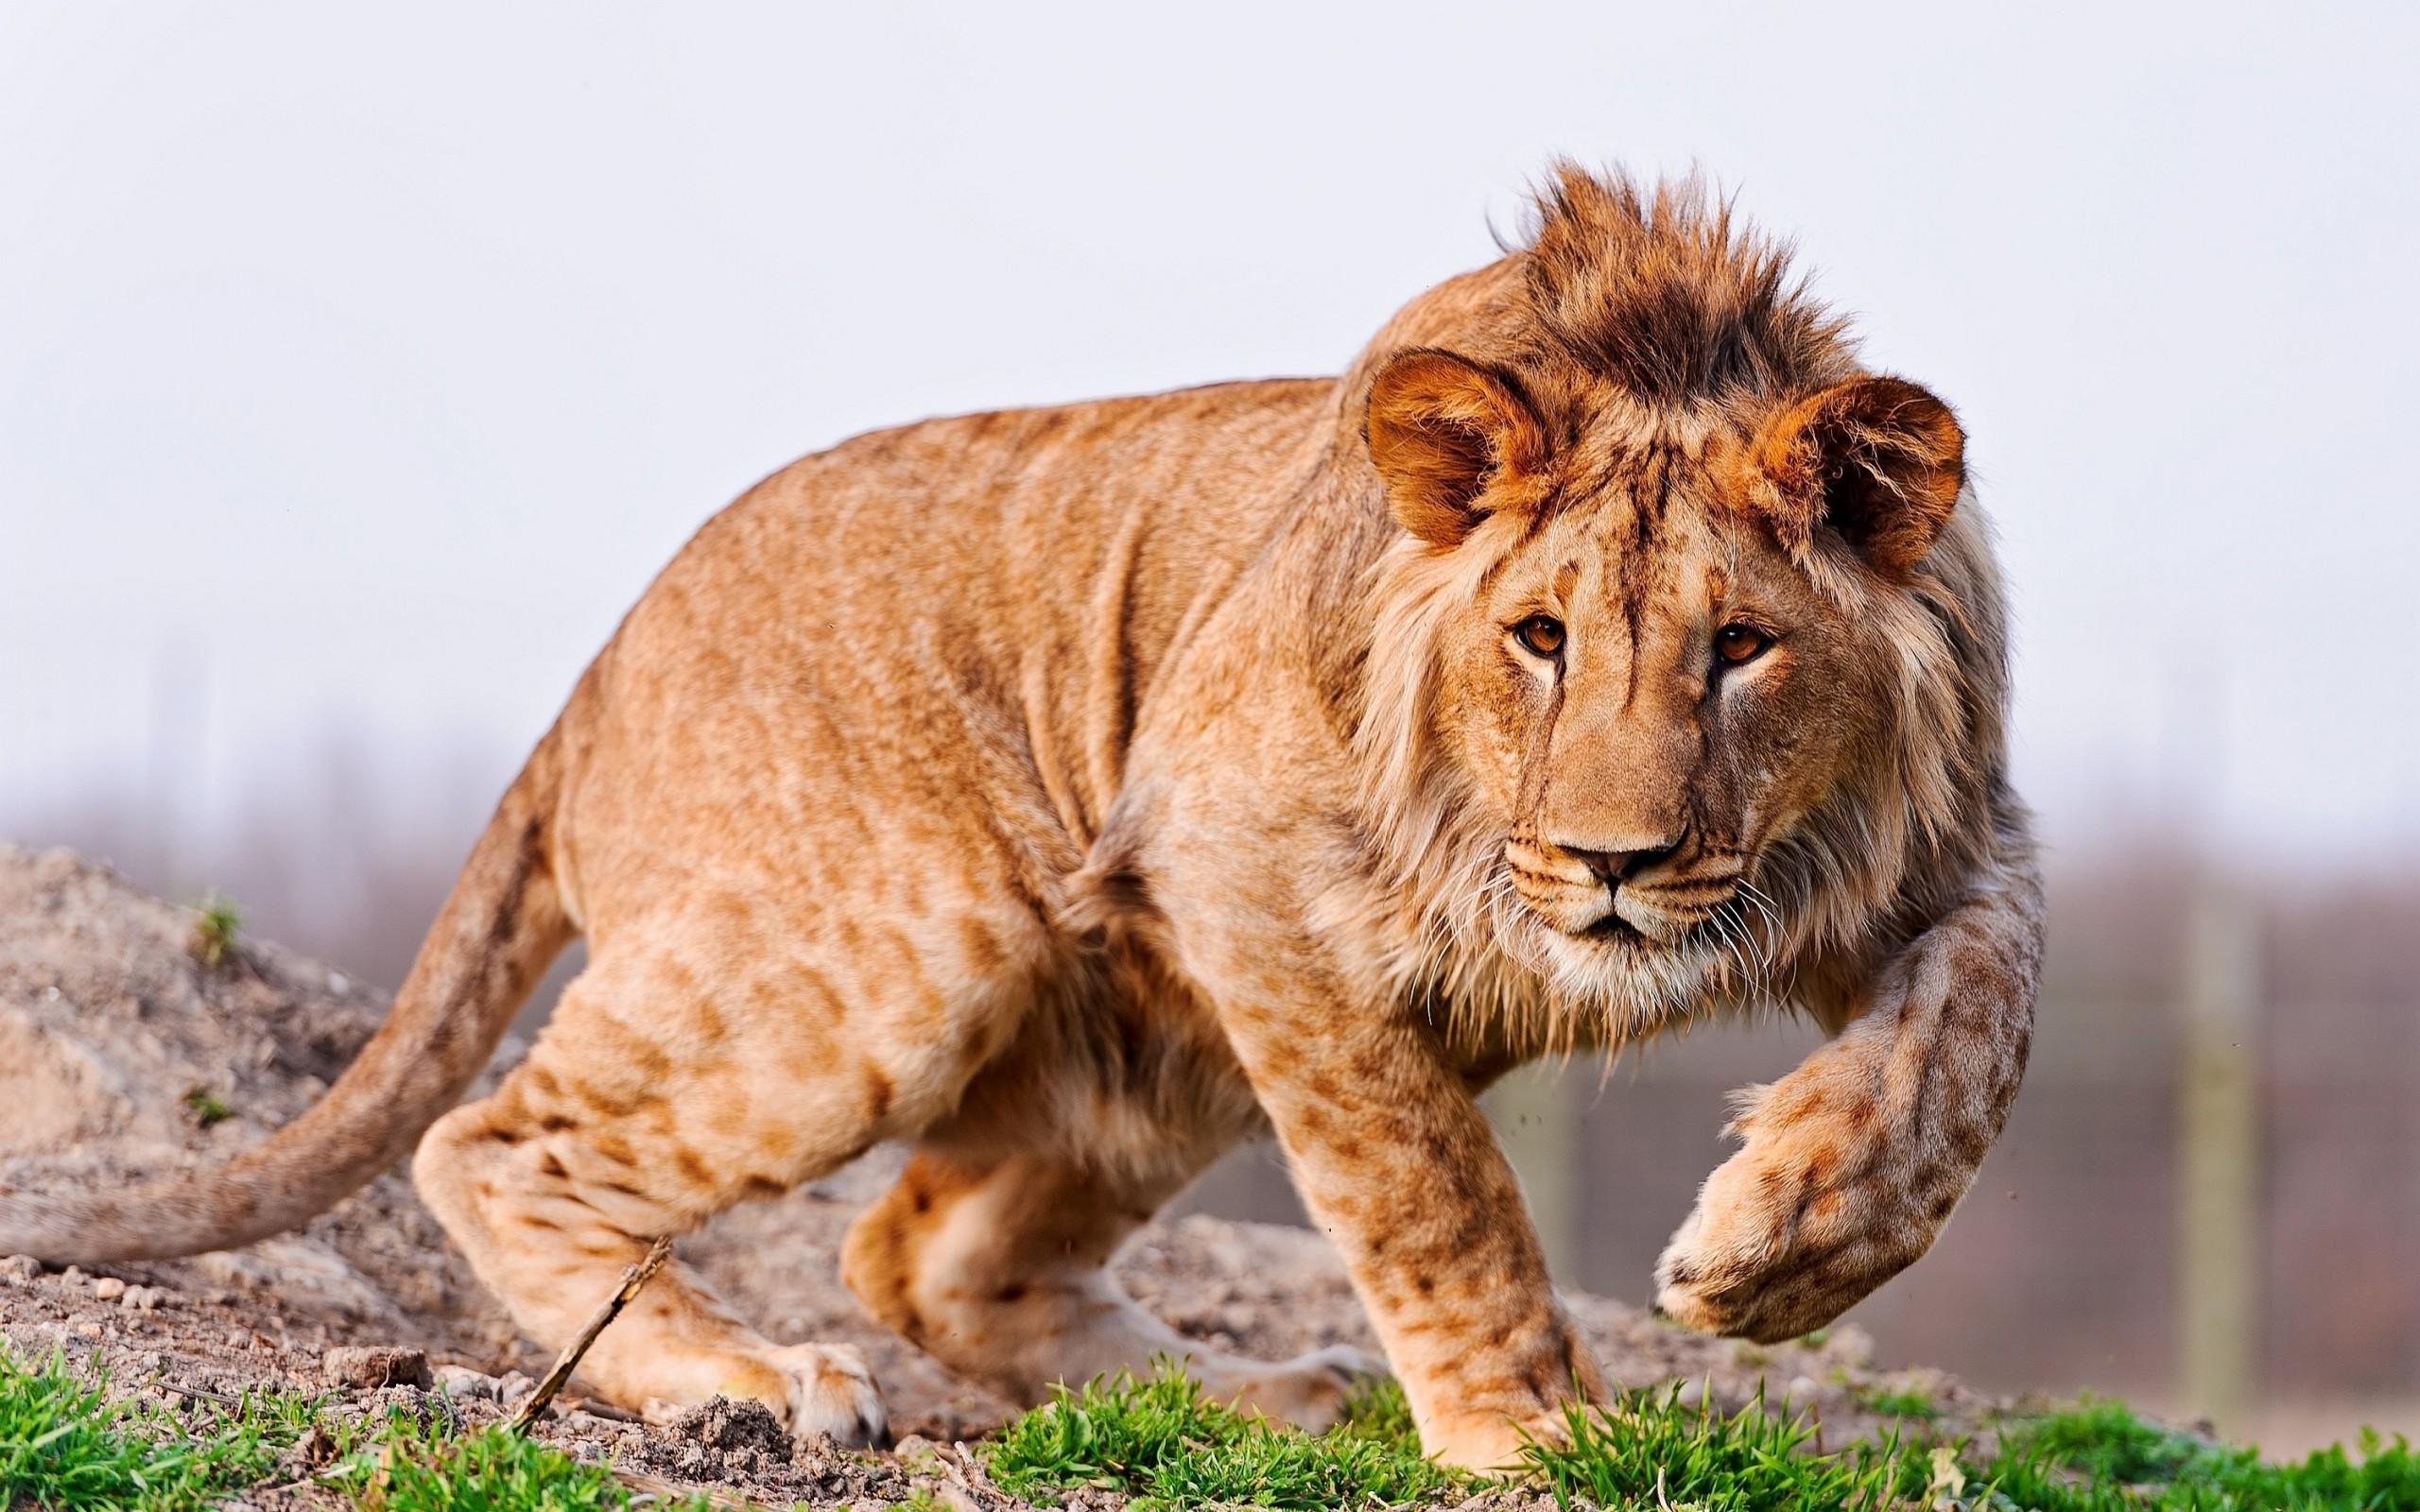 giovane leone maschio che presenta tracce della maculatura tipica dei cuccioli della scpecie